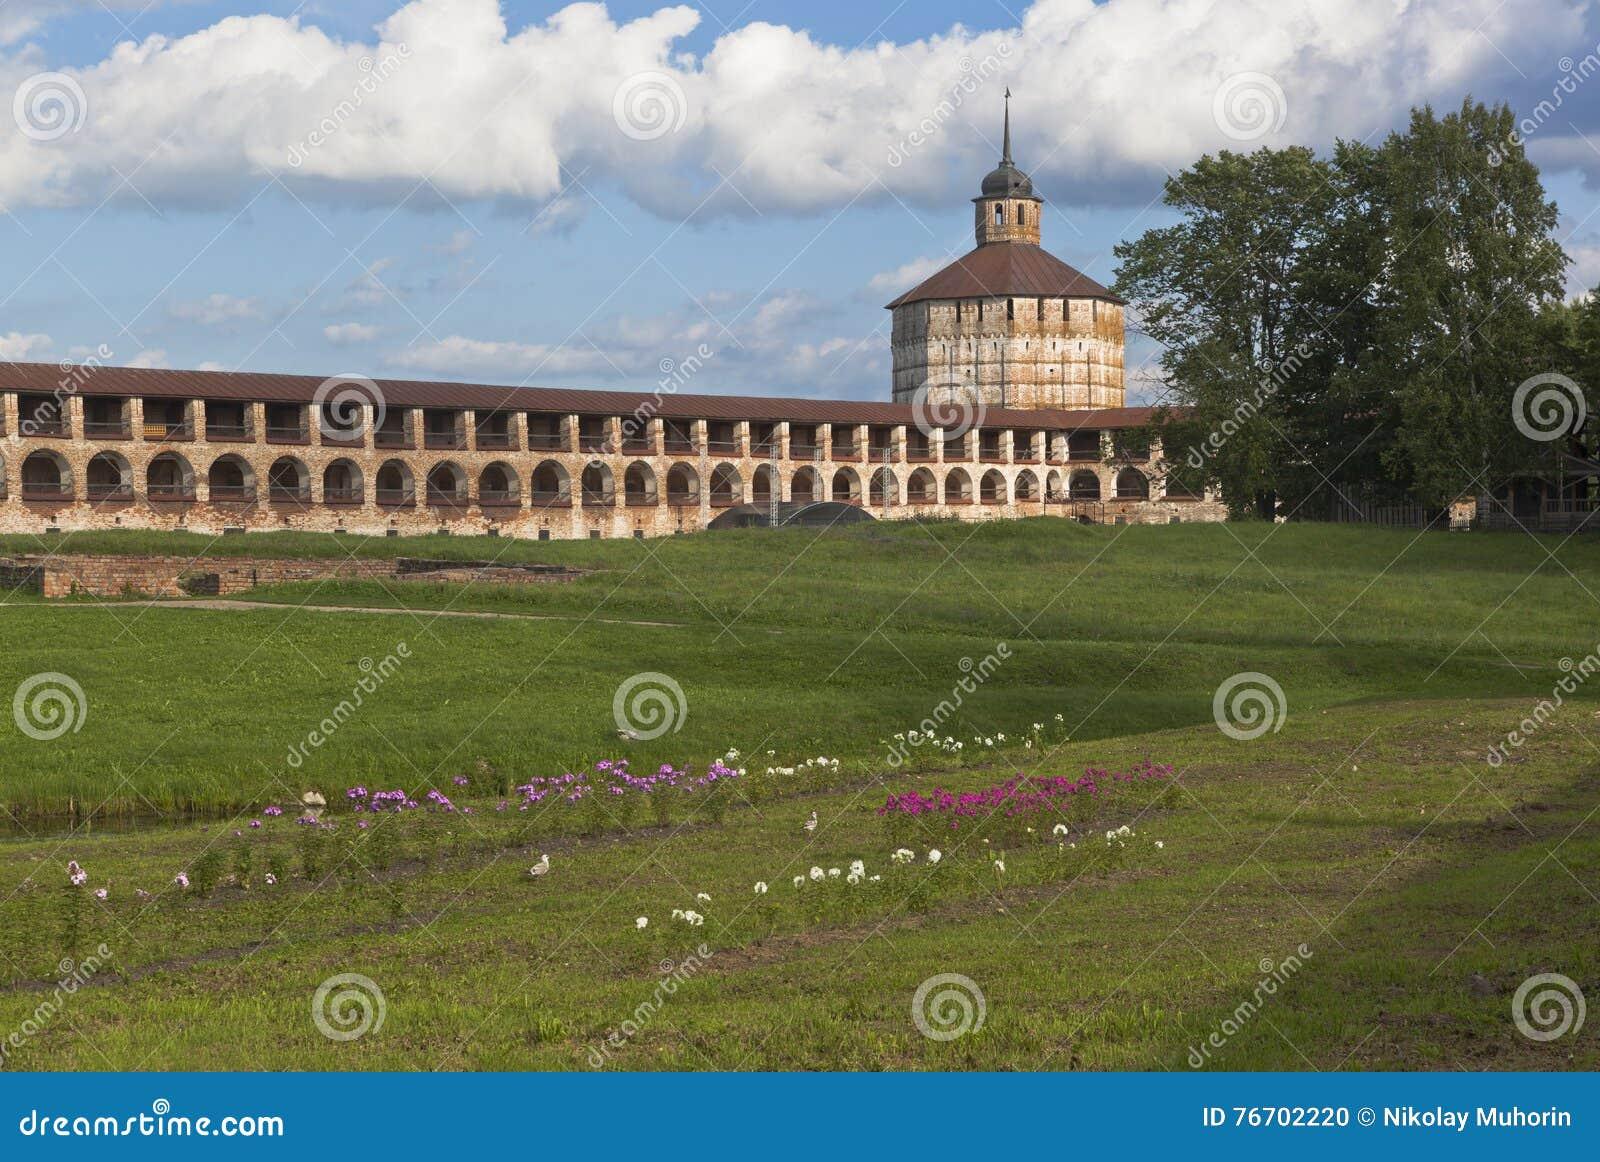 Nuevas ciudad de la fortaleza y torre del monasterio de Kirillo-Belozersky, región de Vologda, Rusia de Vologda